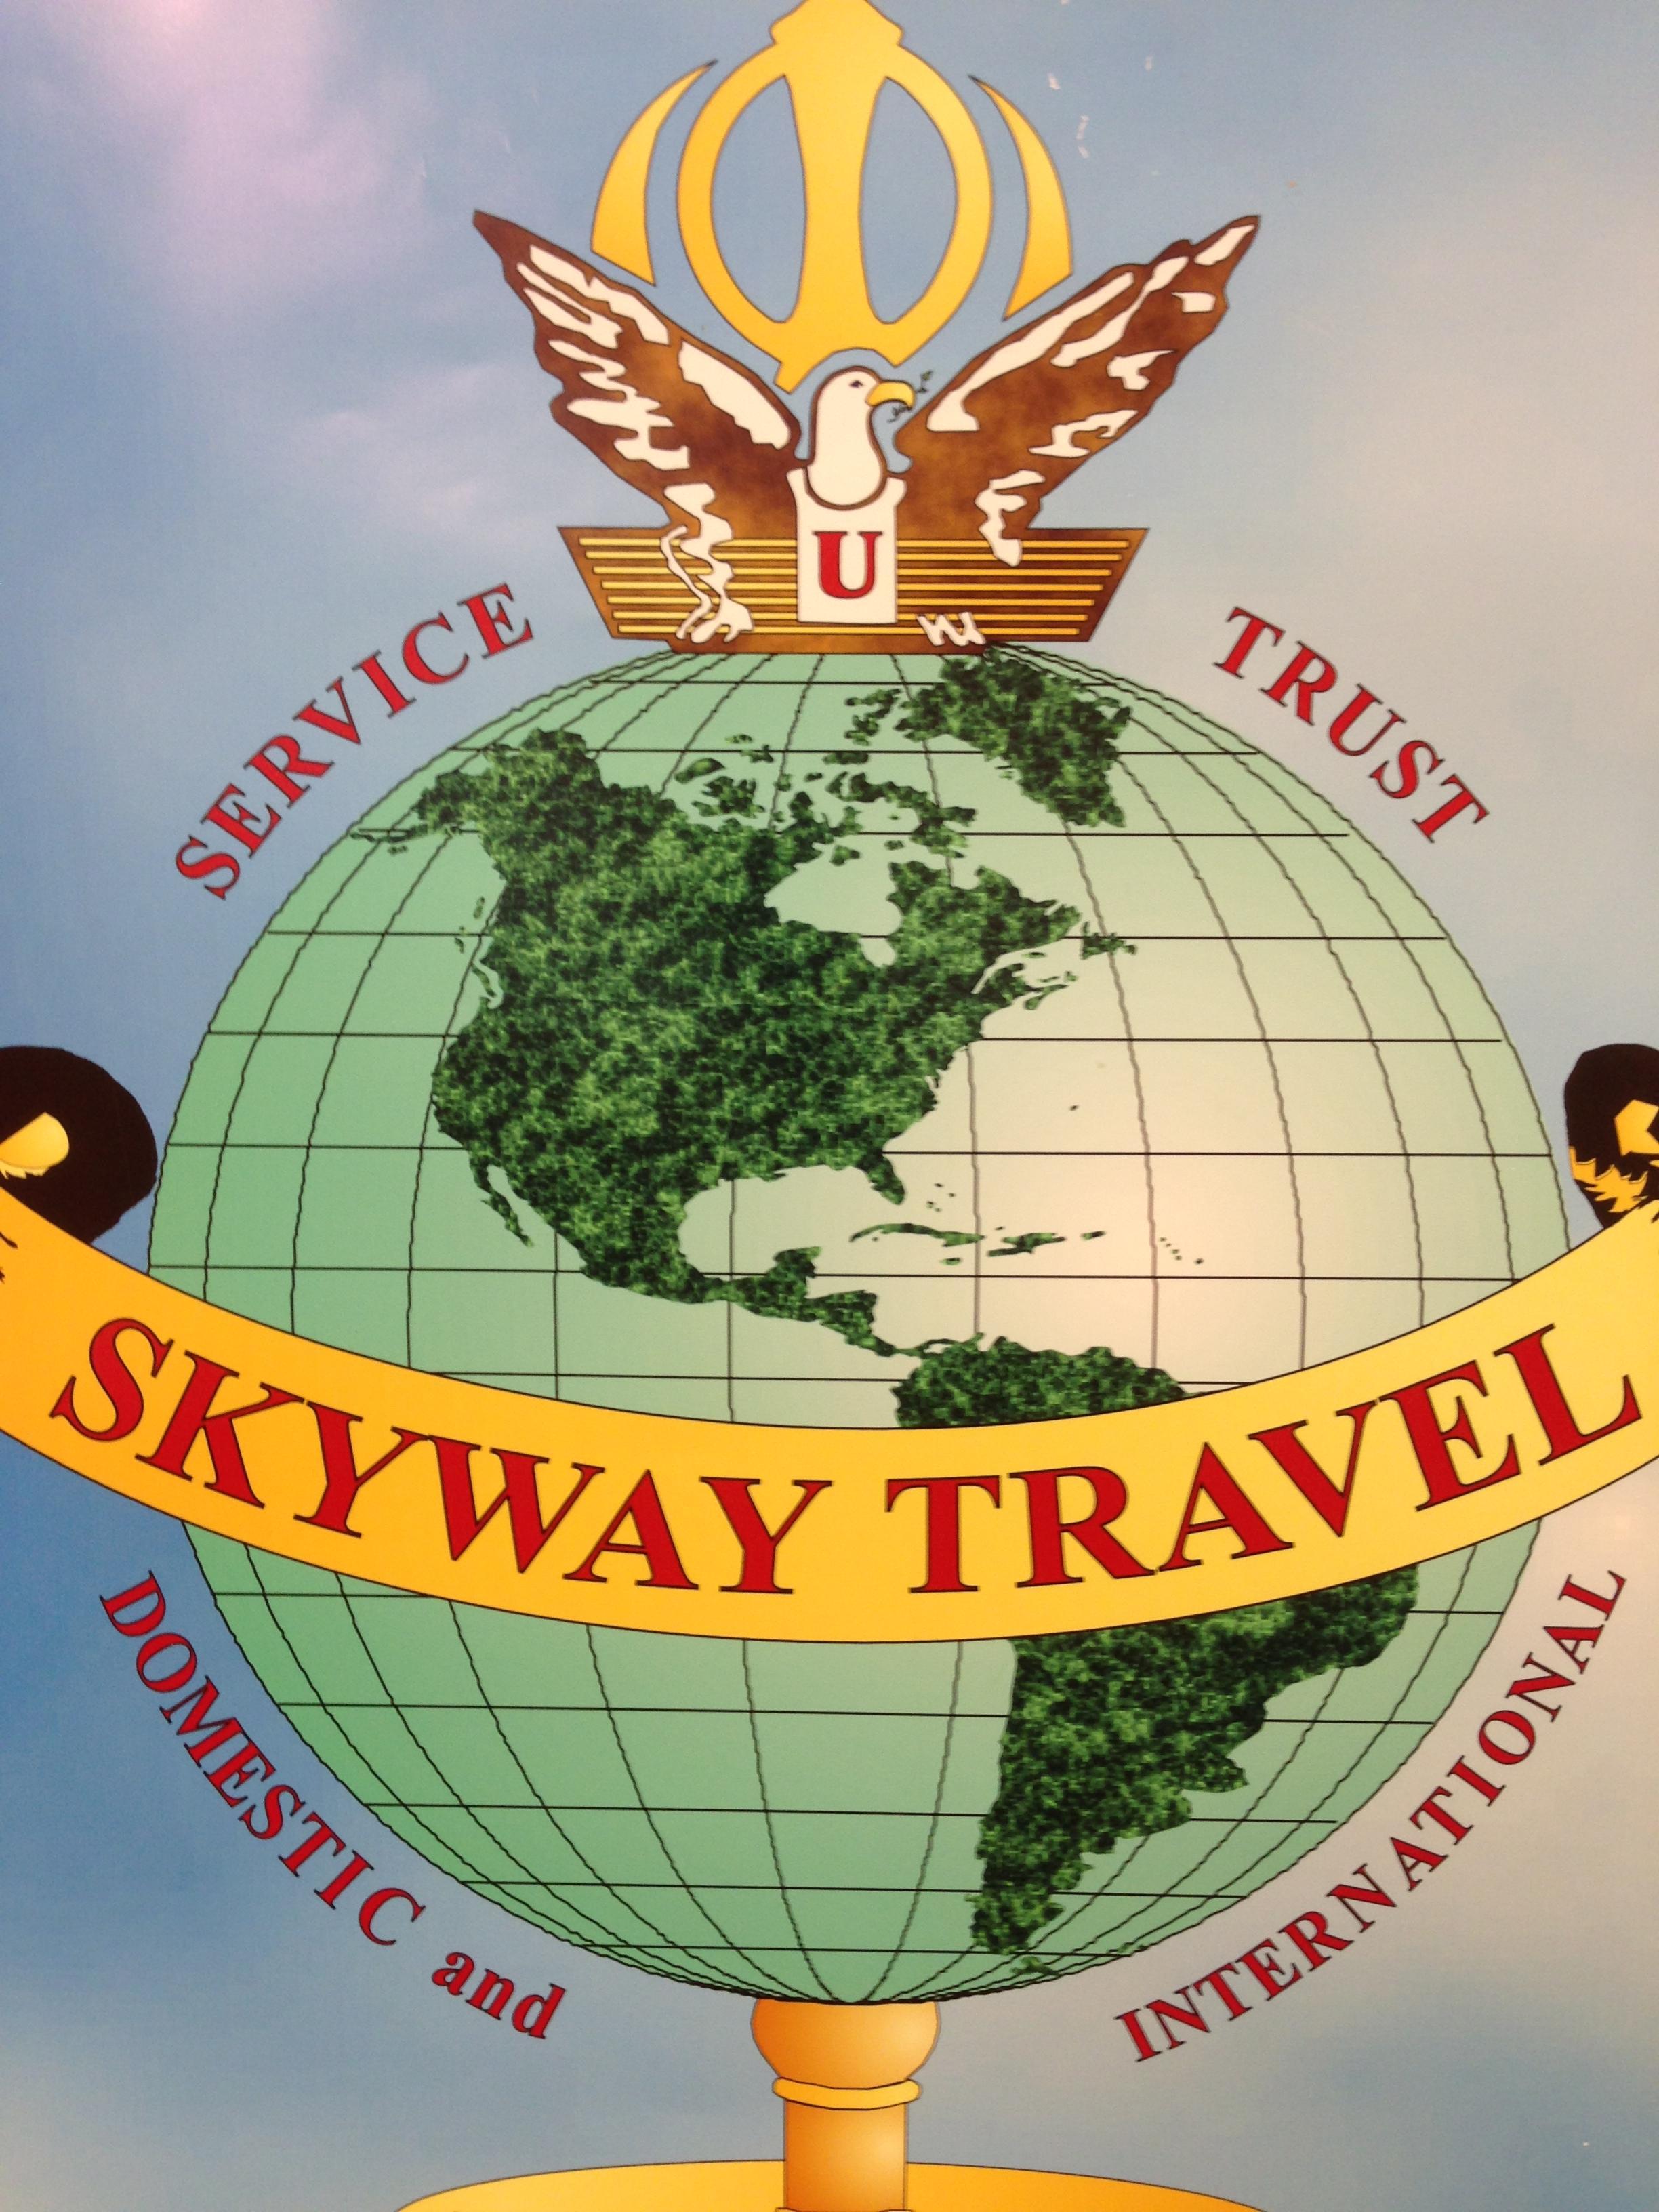 Skyway Tkt